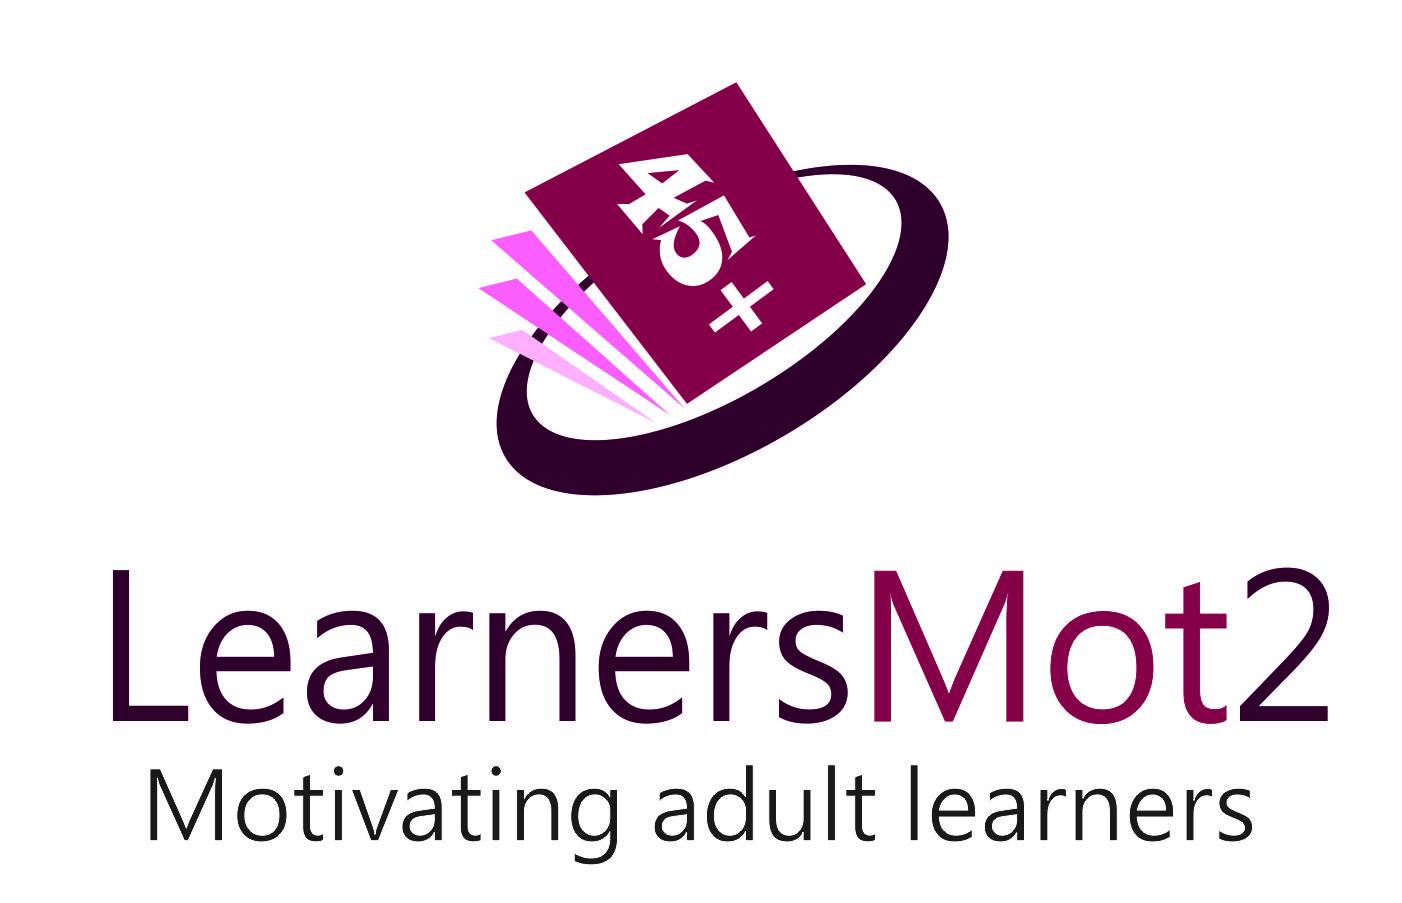 Learnersmot 2